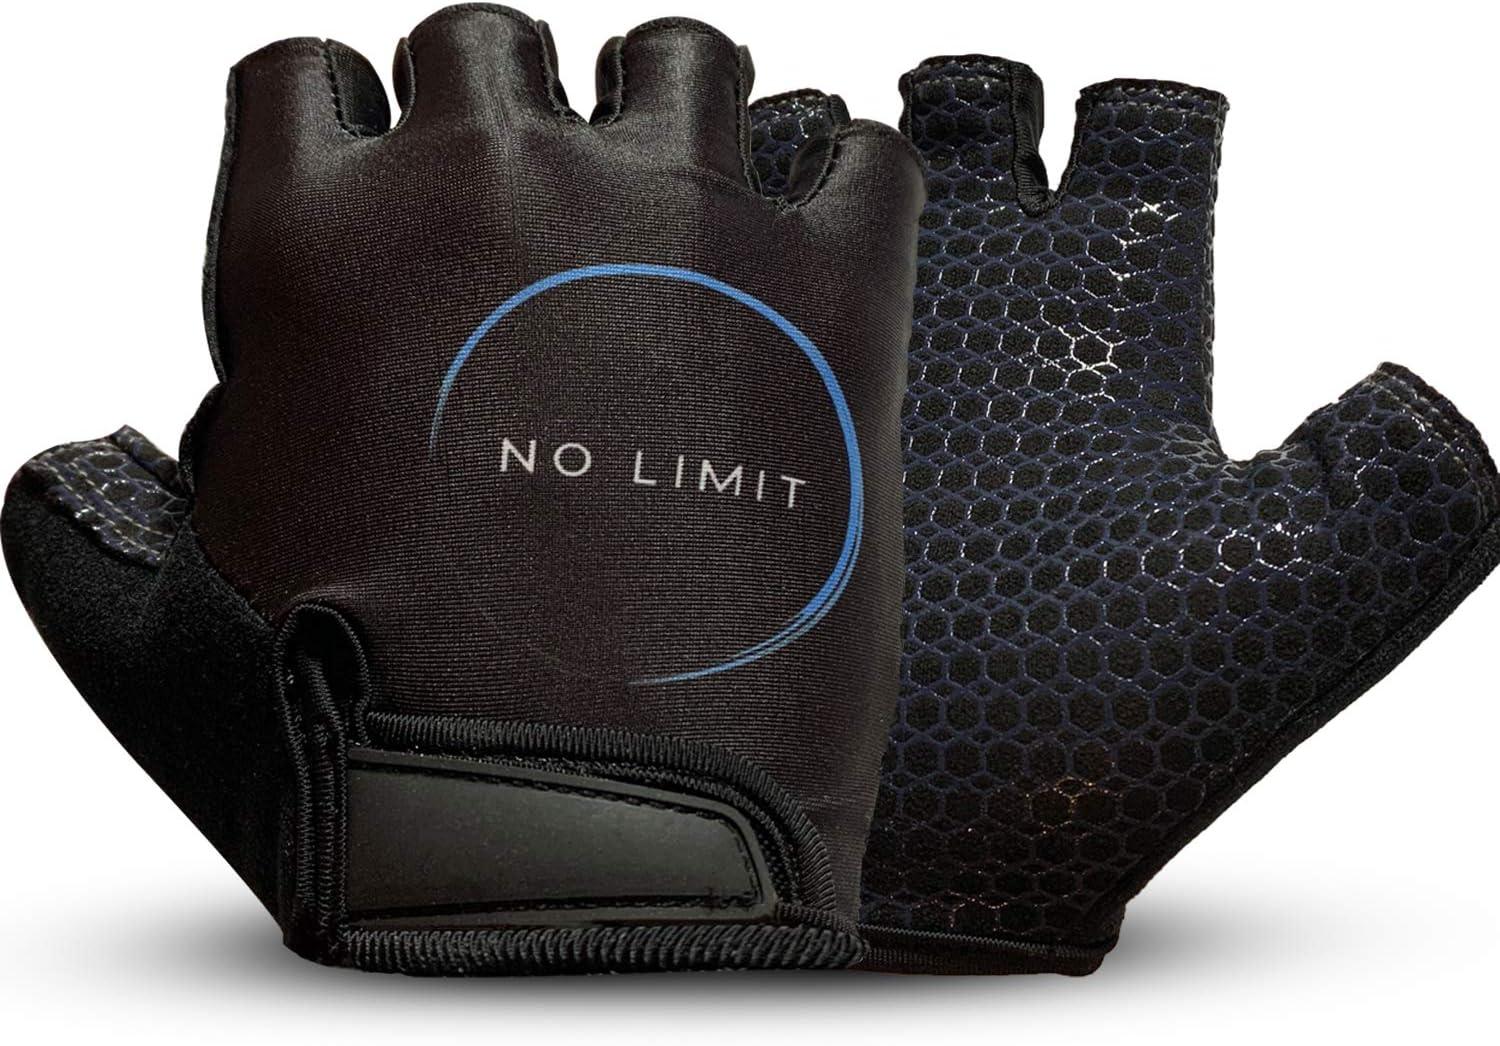 NoLimit® Fahrradhandschuhe für Damen und Herren - Geeignet als Fitness Handschuhe/Trainingshandschuhe/Sporthandschuhe/Crossfit für Männer und Frauen in Schwarz u. Rosa: Amazon.de: Sport & Freizeit - Fahrradhandschuhe